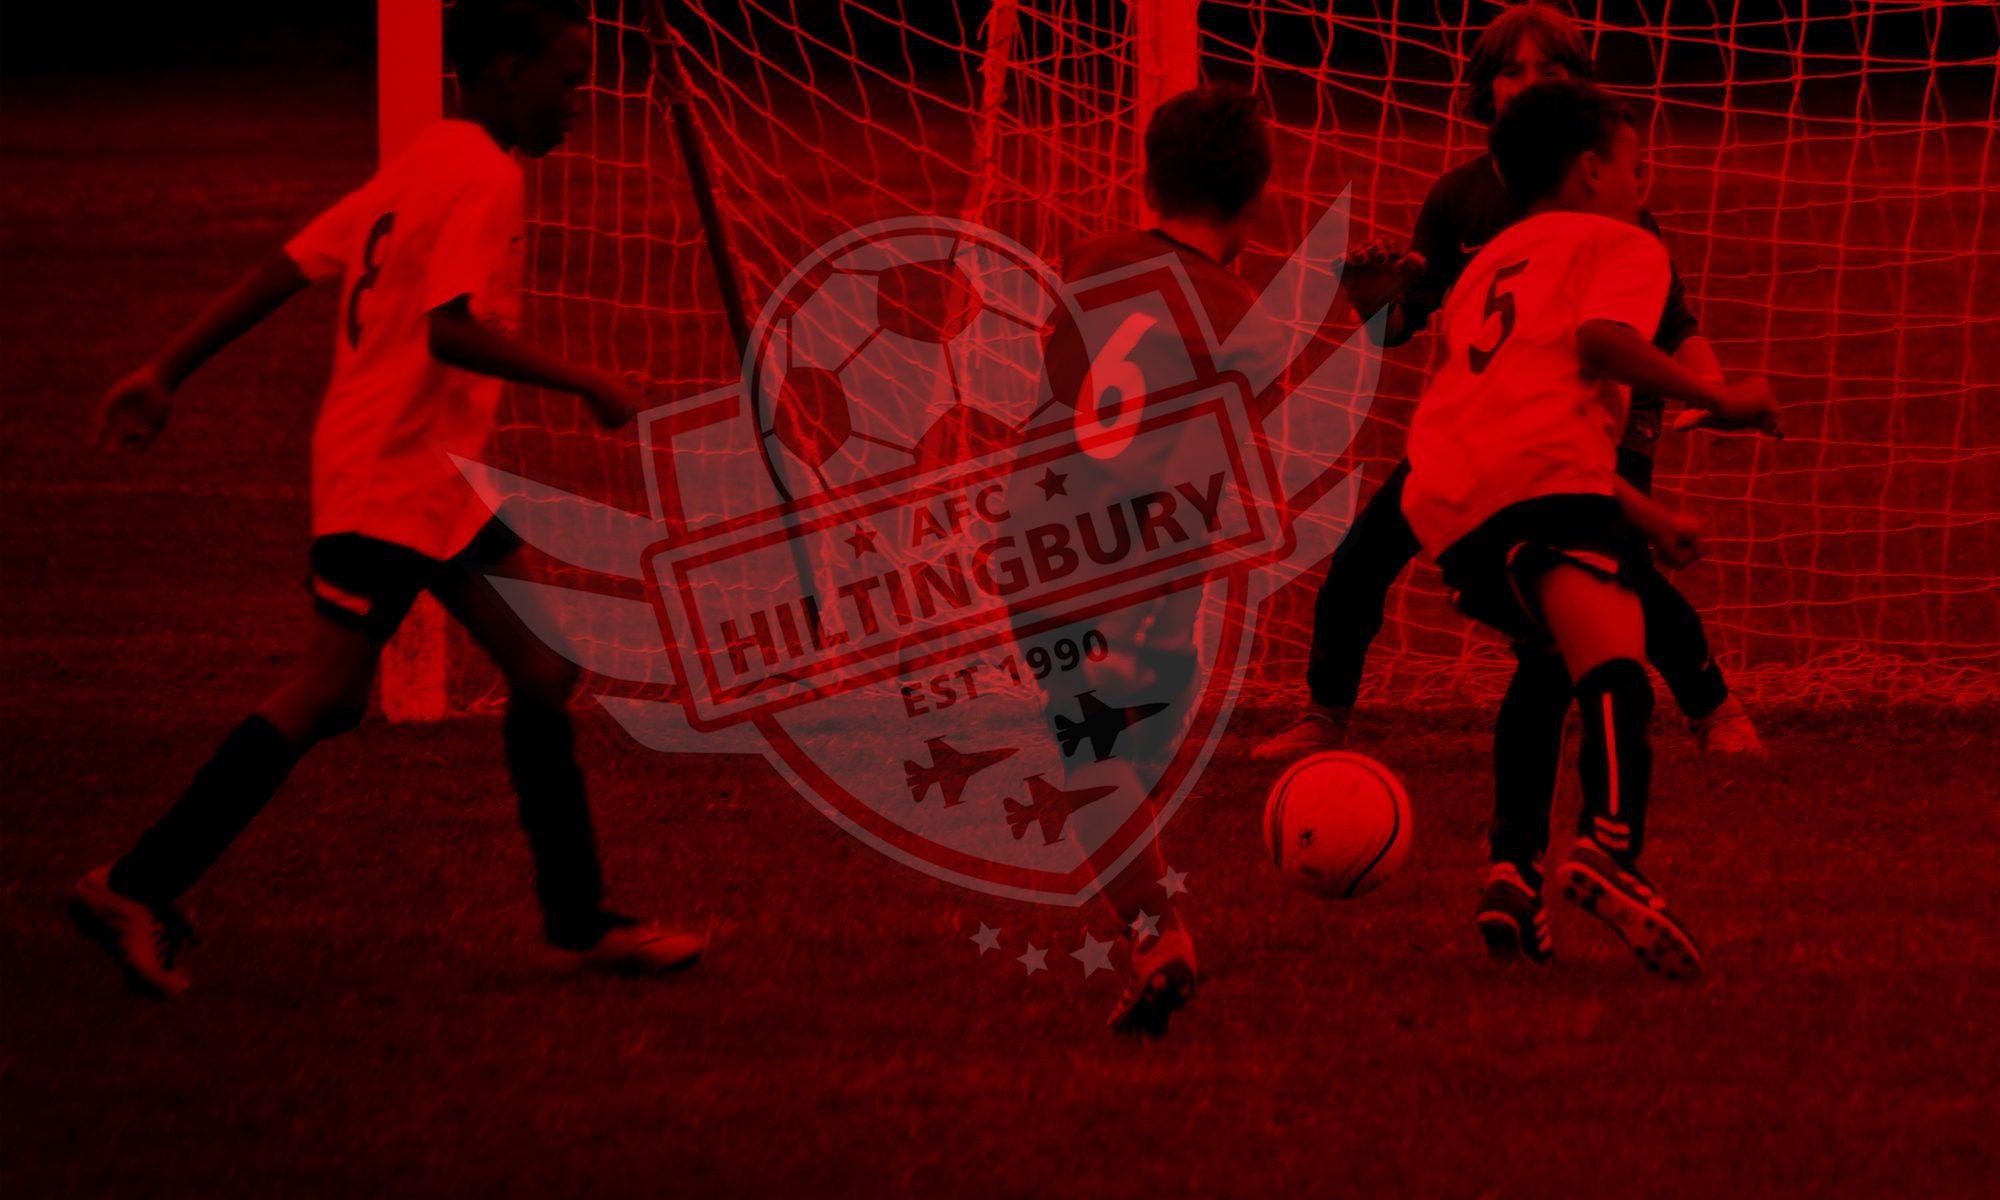 AFC Hiltingbury